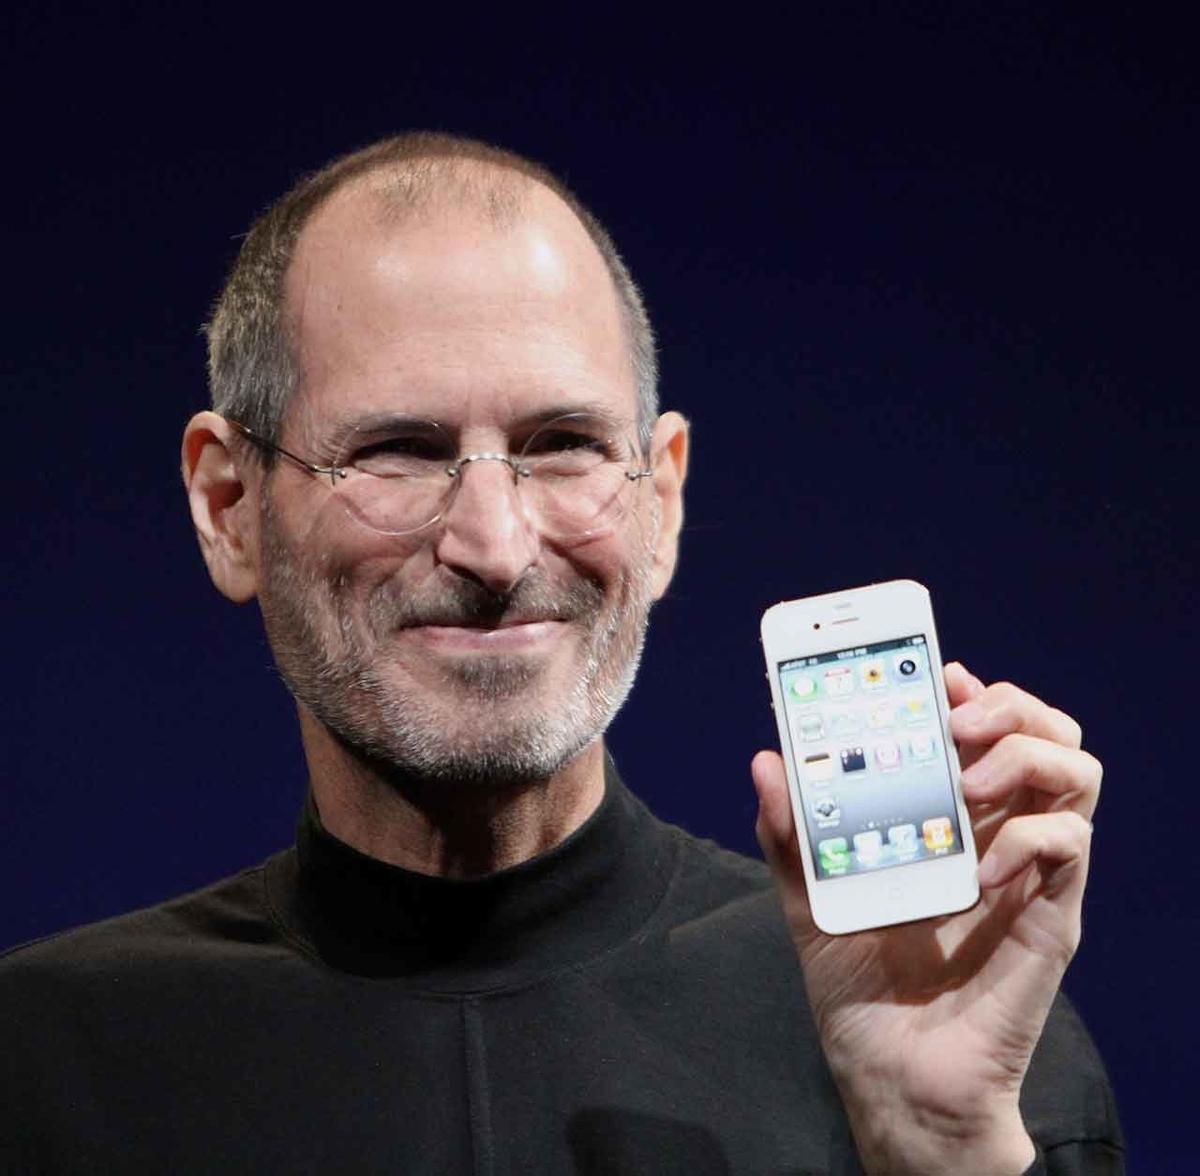 「スティーブ・ジョブズが最後に食べたもの」2011年膵臓腫瘍転移で亡くなったApple社を設立した天才が選んだもの【適材適食】小園亜由美(管理栄養士・野菜ソムリエ上級プロ)